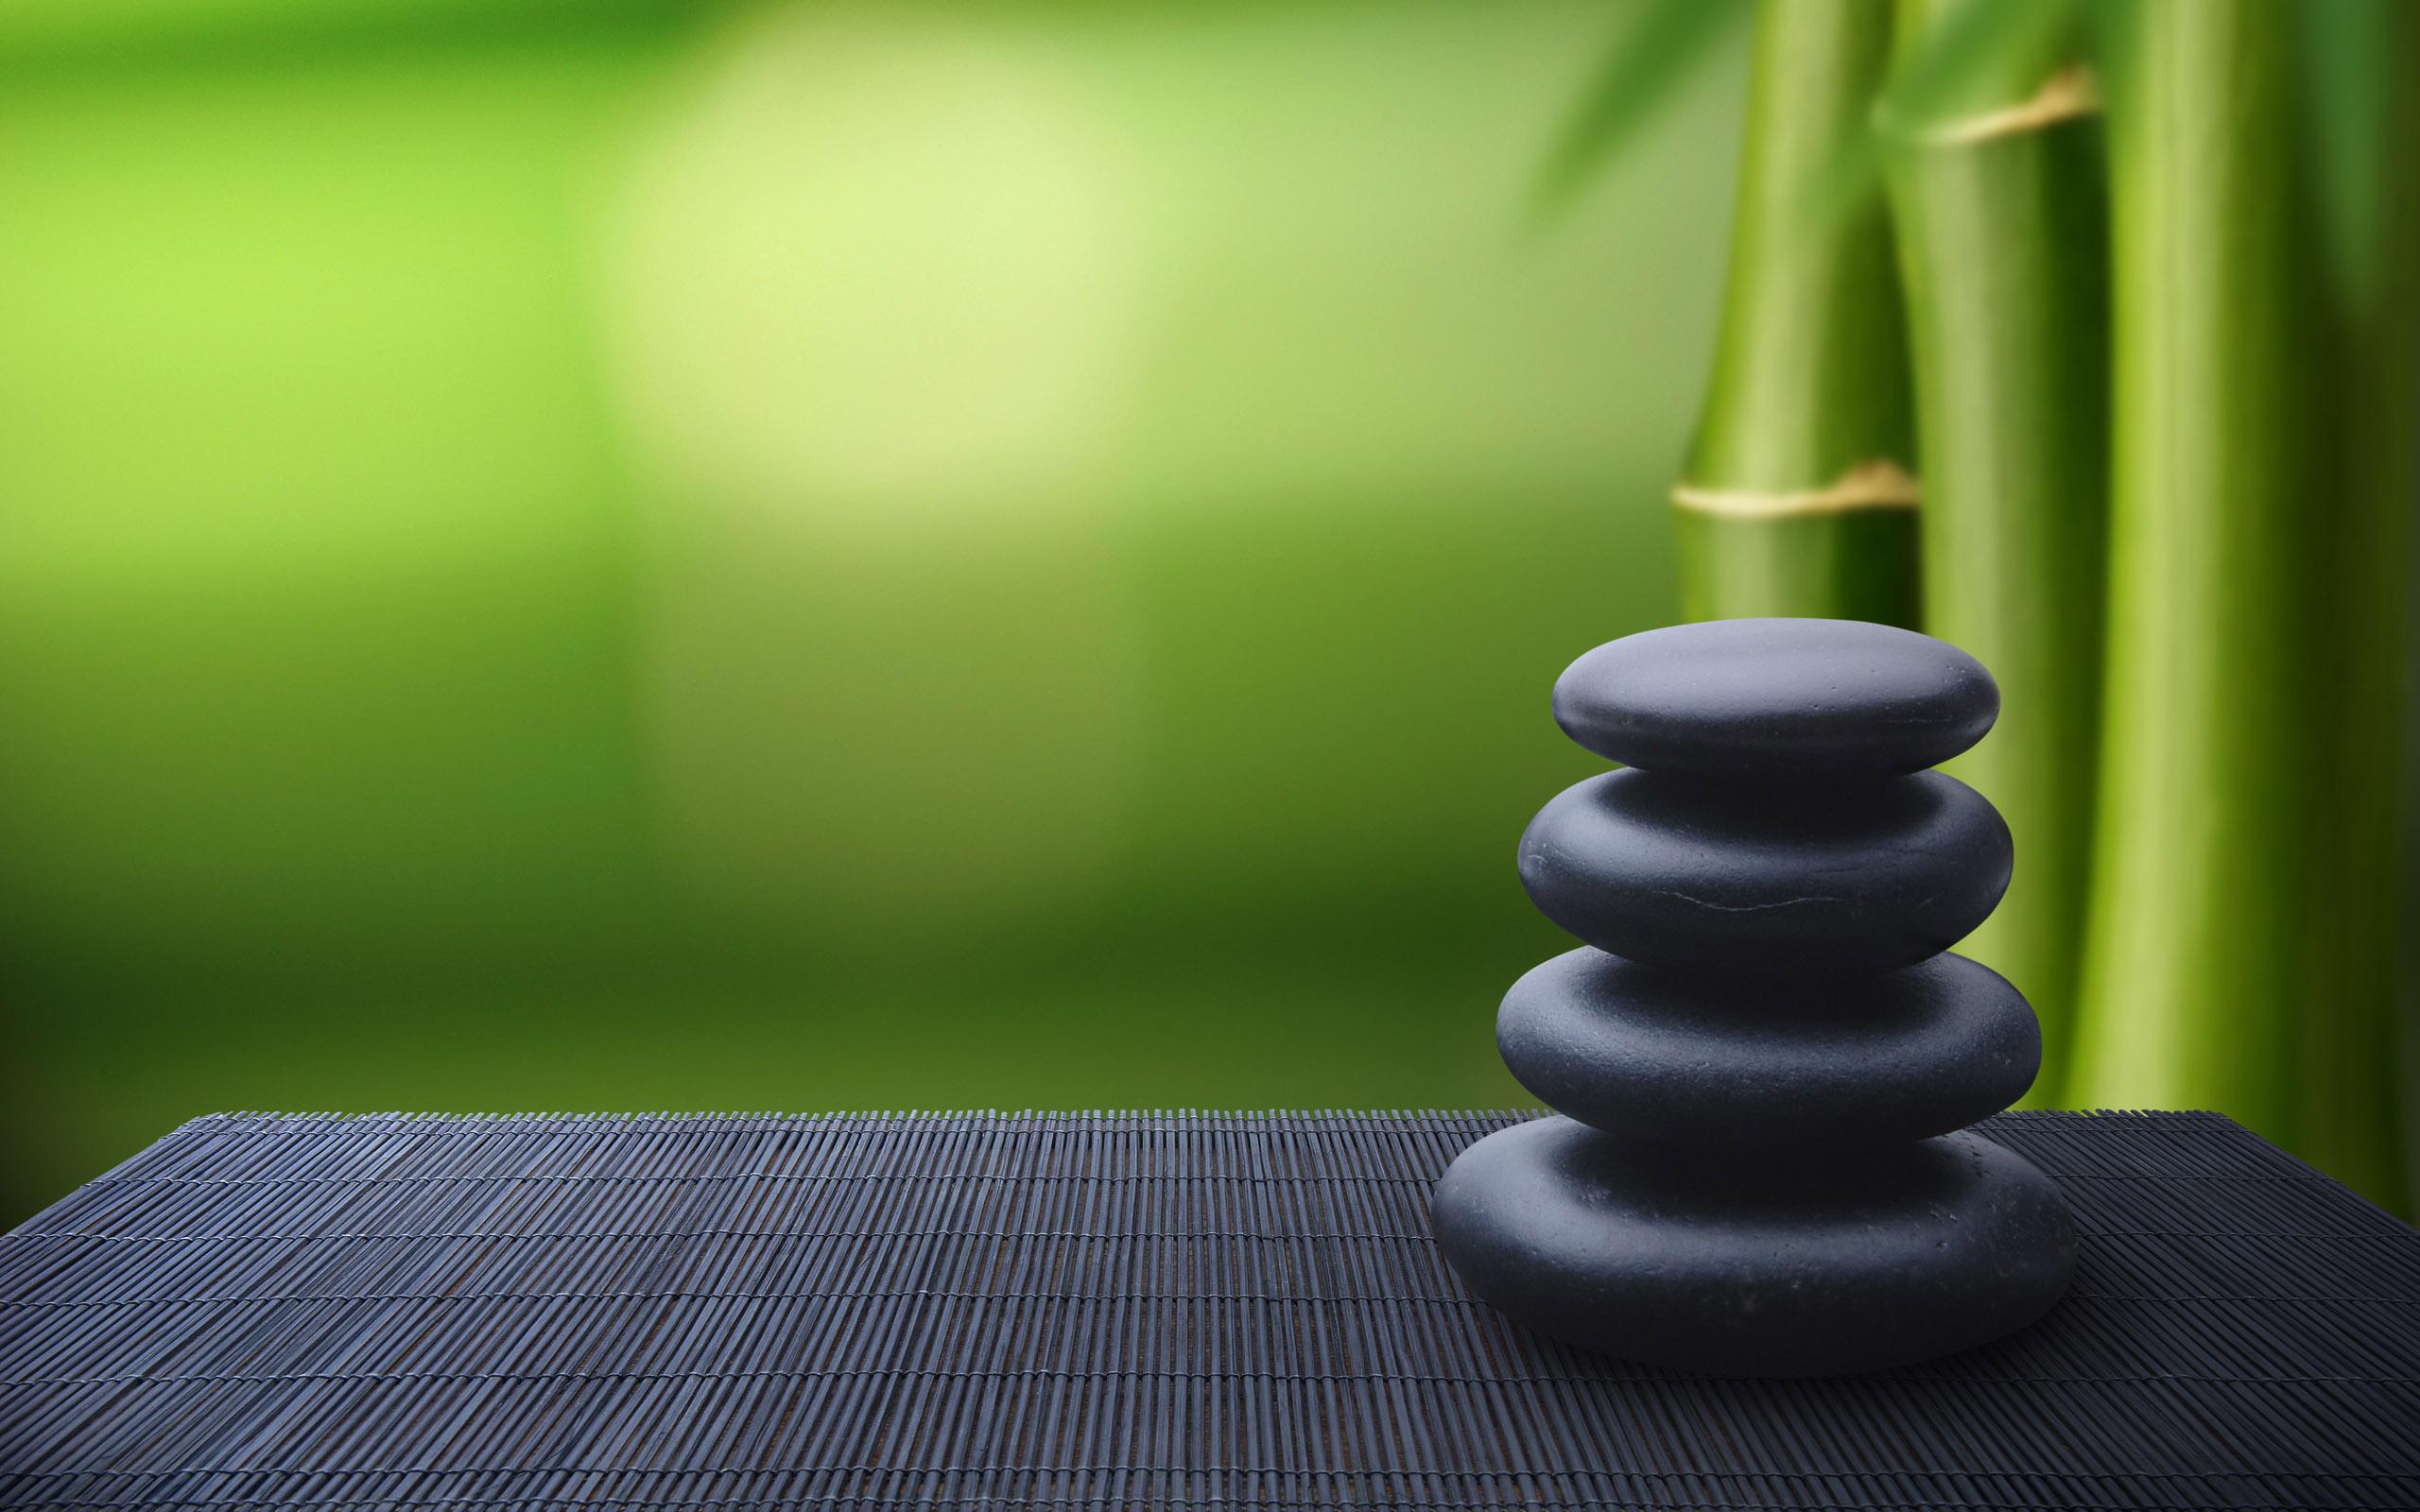 Free Download Fond Ecran Hd Nature Bambou Zen Galet Noir